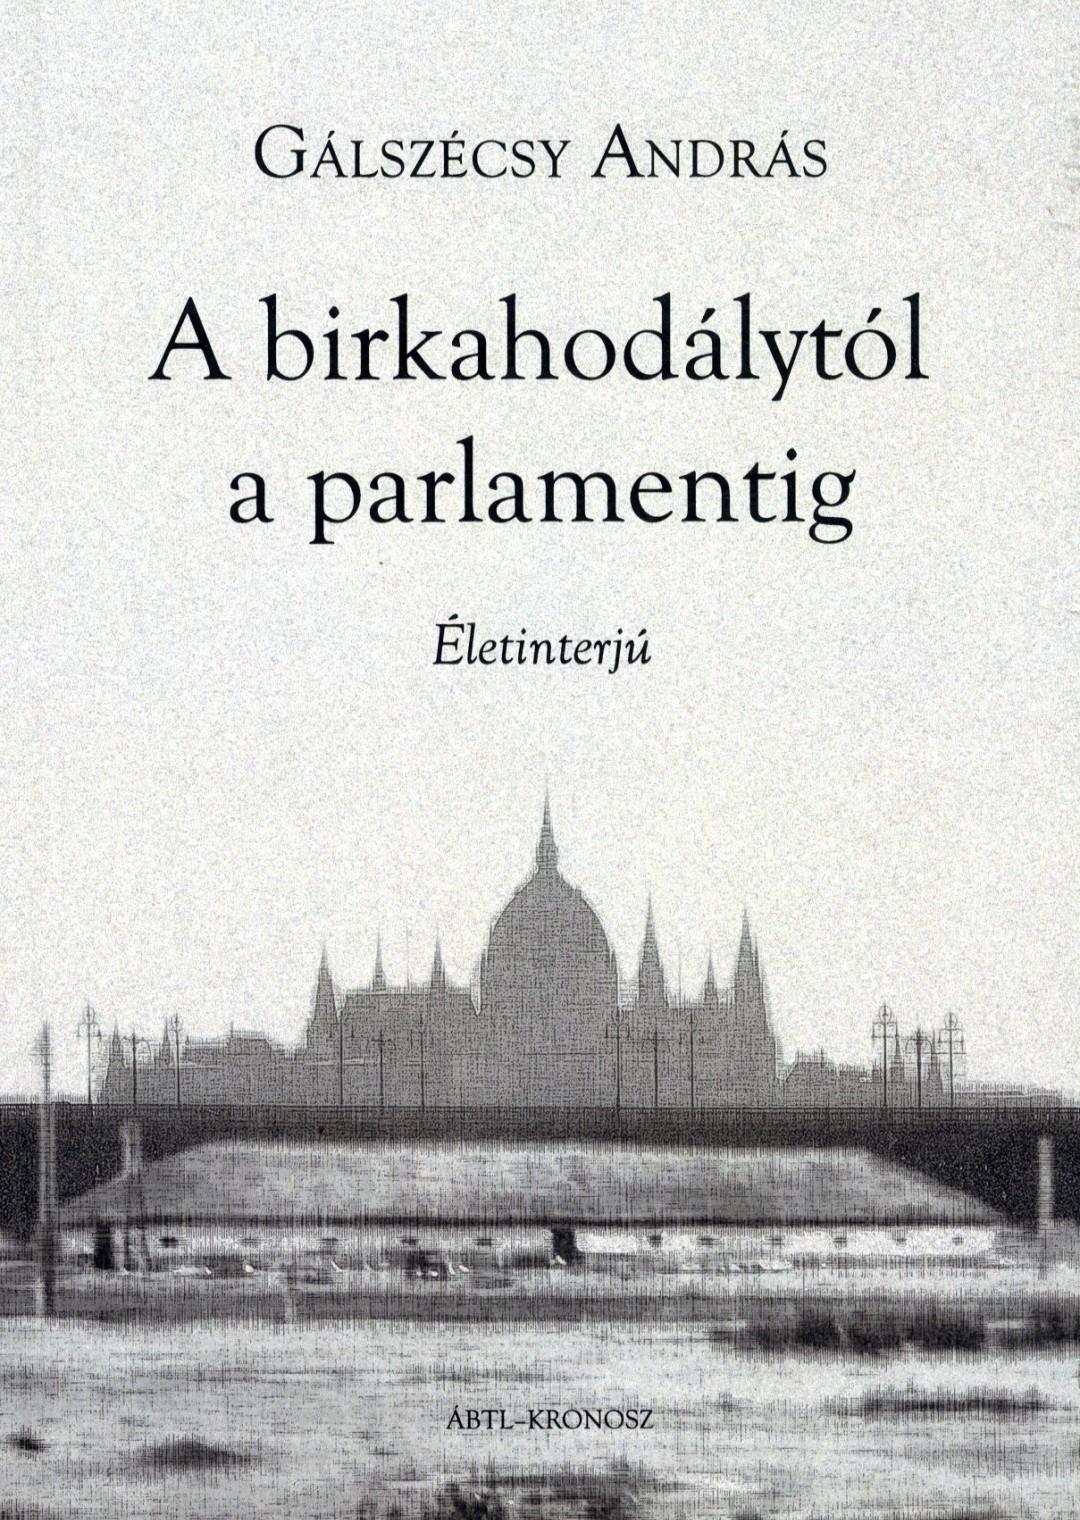 A birkahodálytól a parlamentig. Életinterjú.